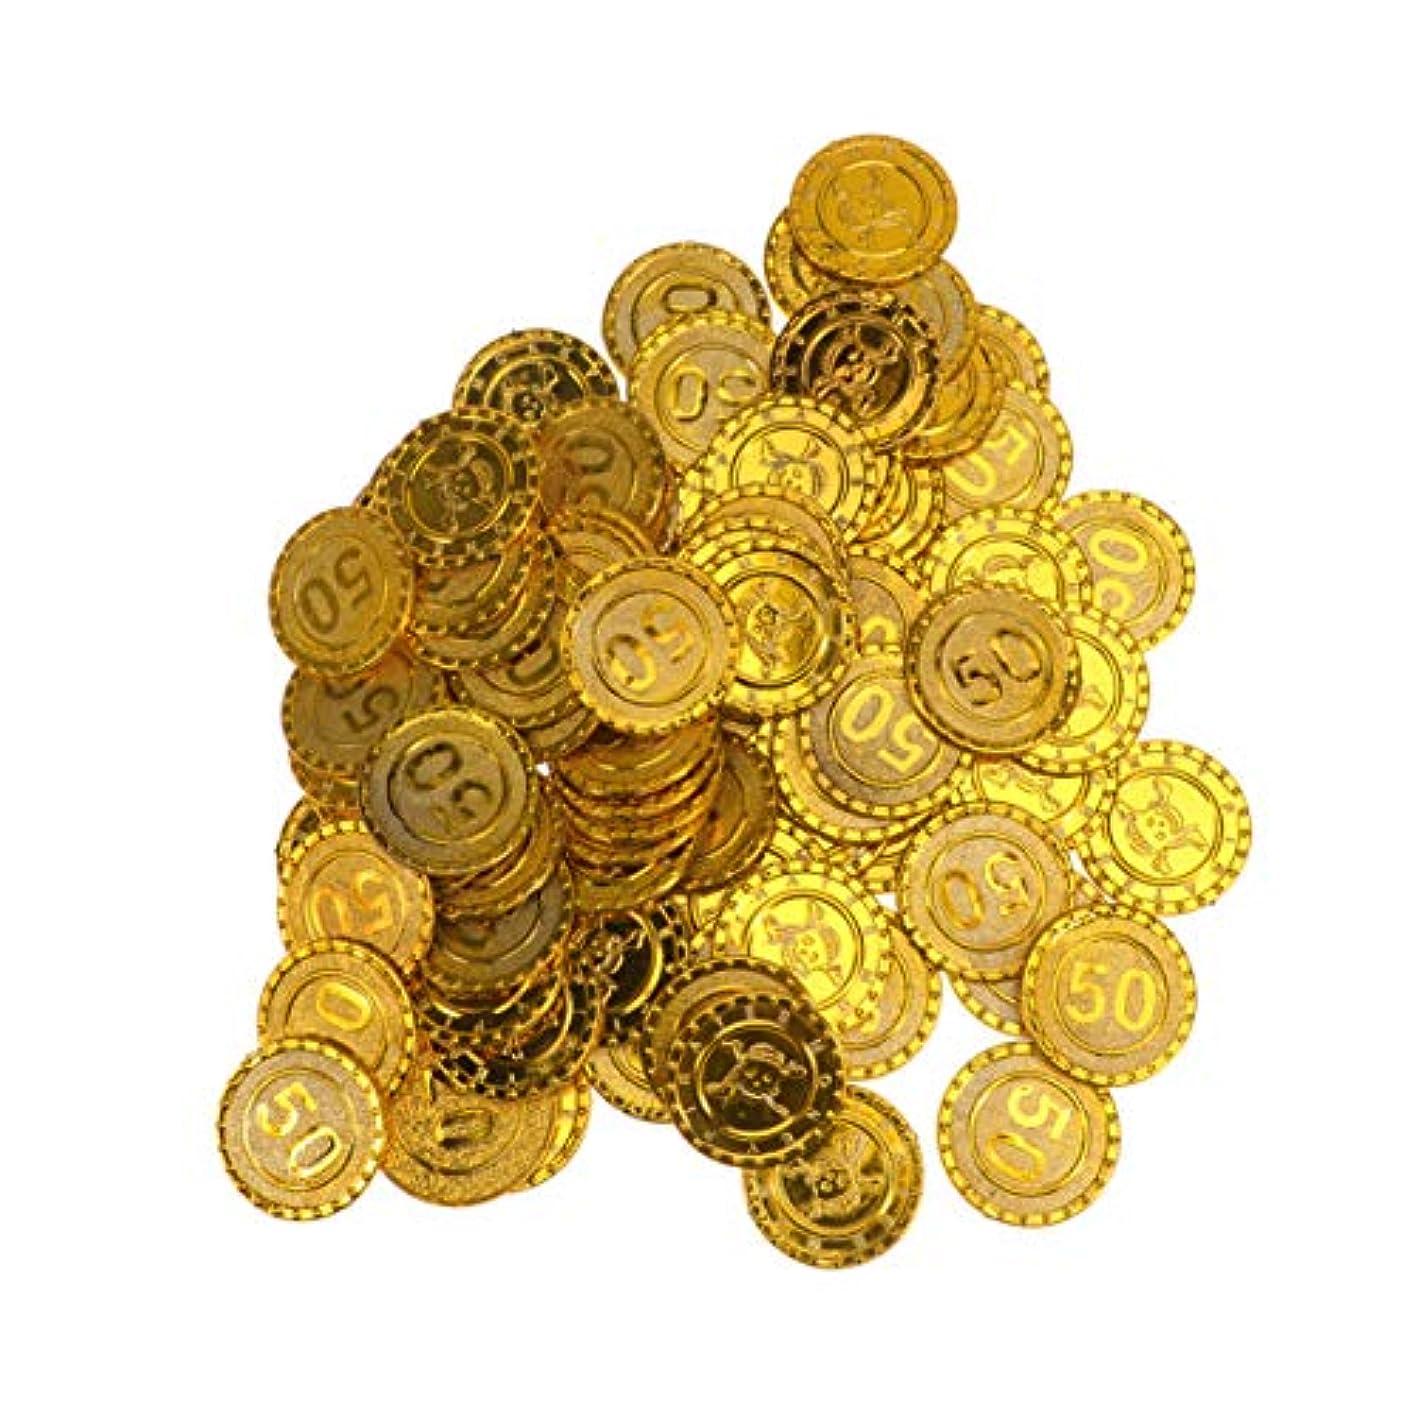 私たち自身出席する間隔Amosfun ゲームコイン海賊トレジャーコイン偽コイン宝くじコイン小道具海賊子供誕生日パーティー用品100ピース(宗派50)